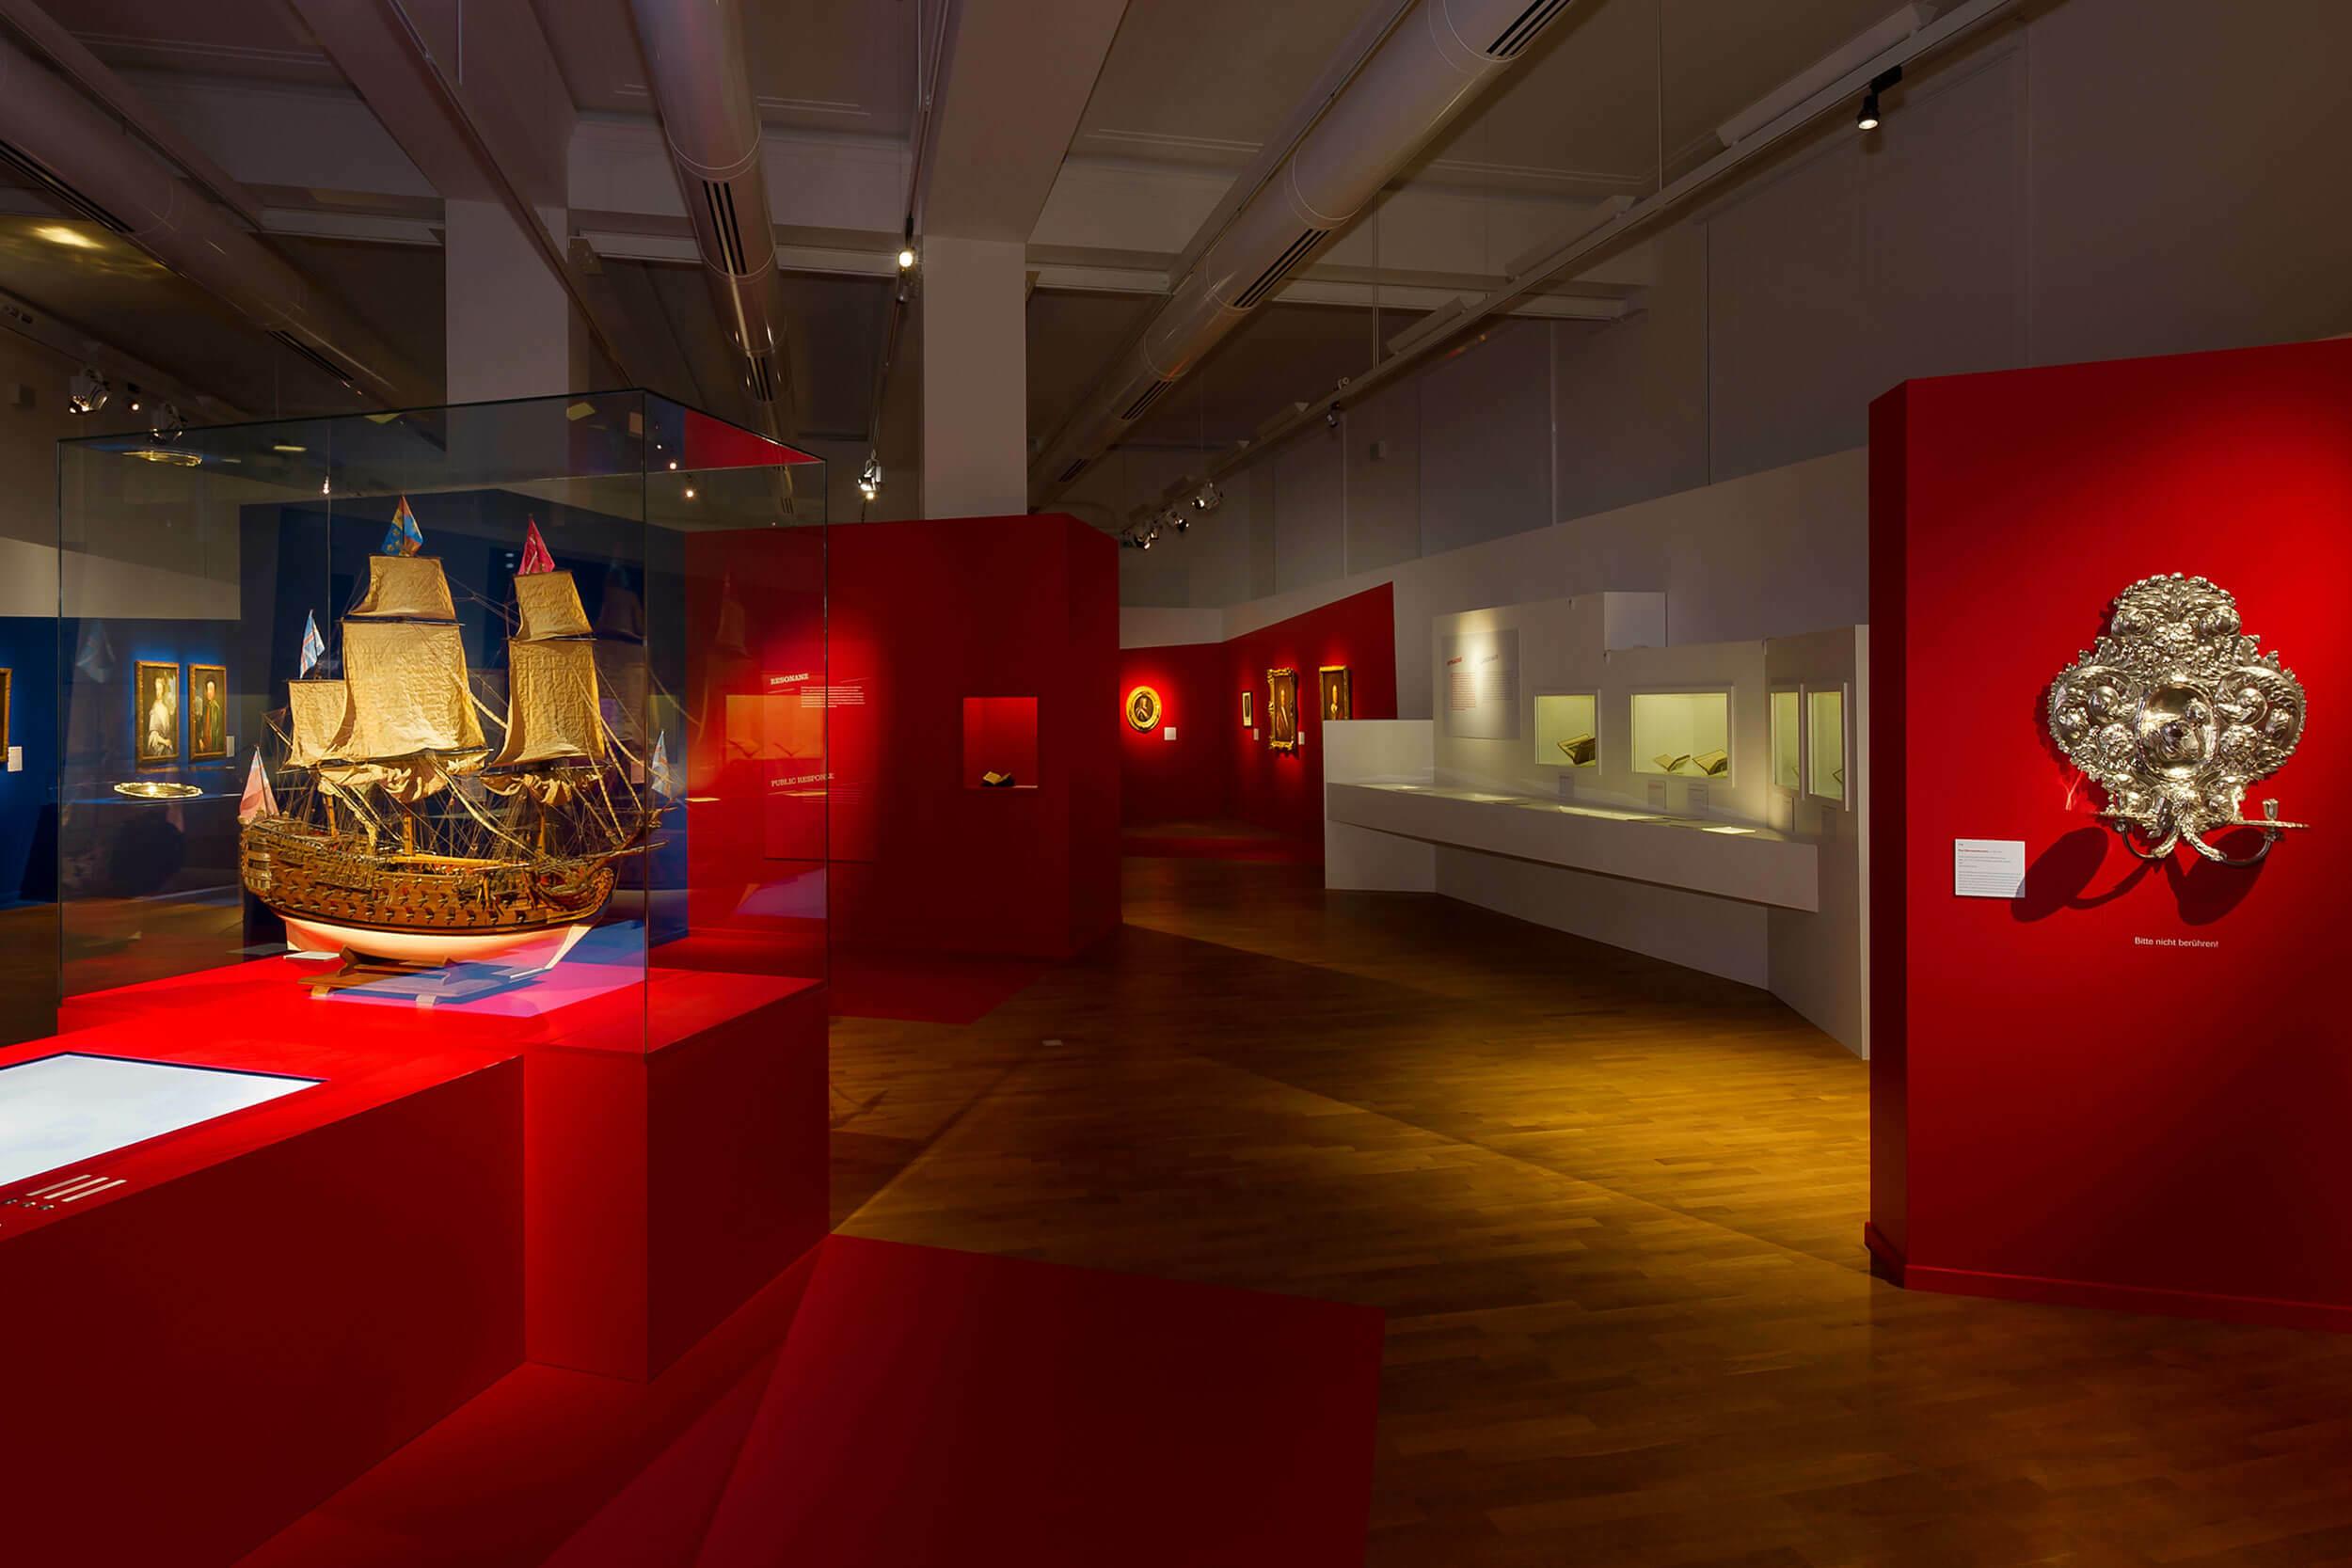 Exponat eines historischen Schiffsmodells in einer Vitrine